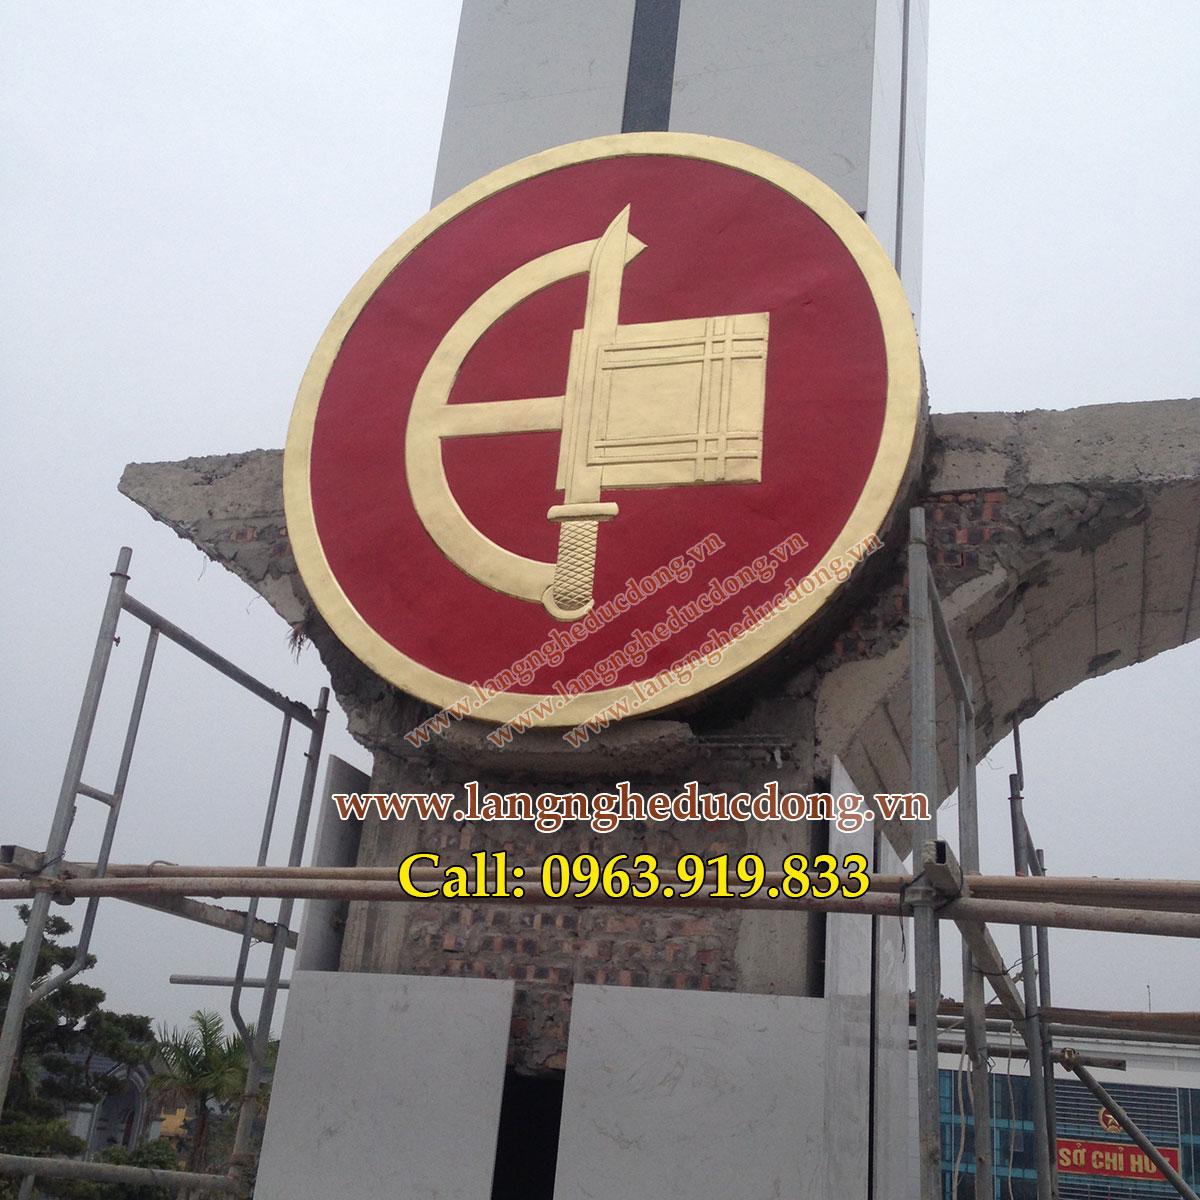 langngheducdong.vn - Huy hiệu quân đội, quân hiệu D=220cm, gò huy hiệu Quân đội, huy hiệu quân đội thúc nổi